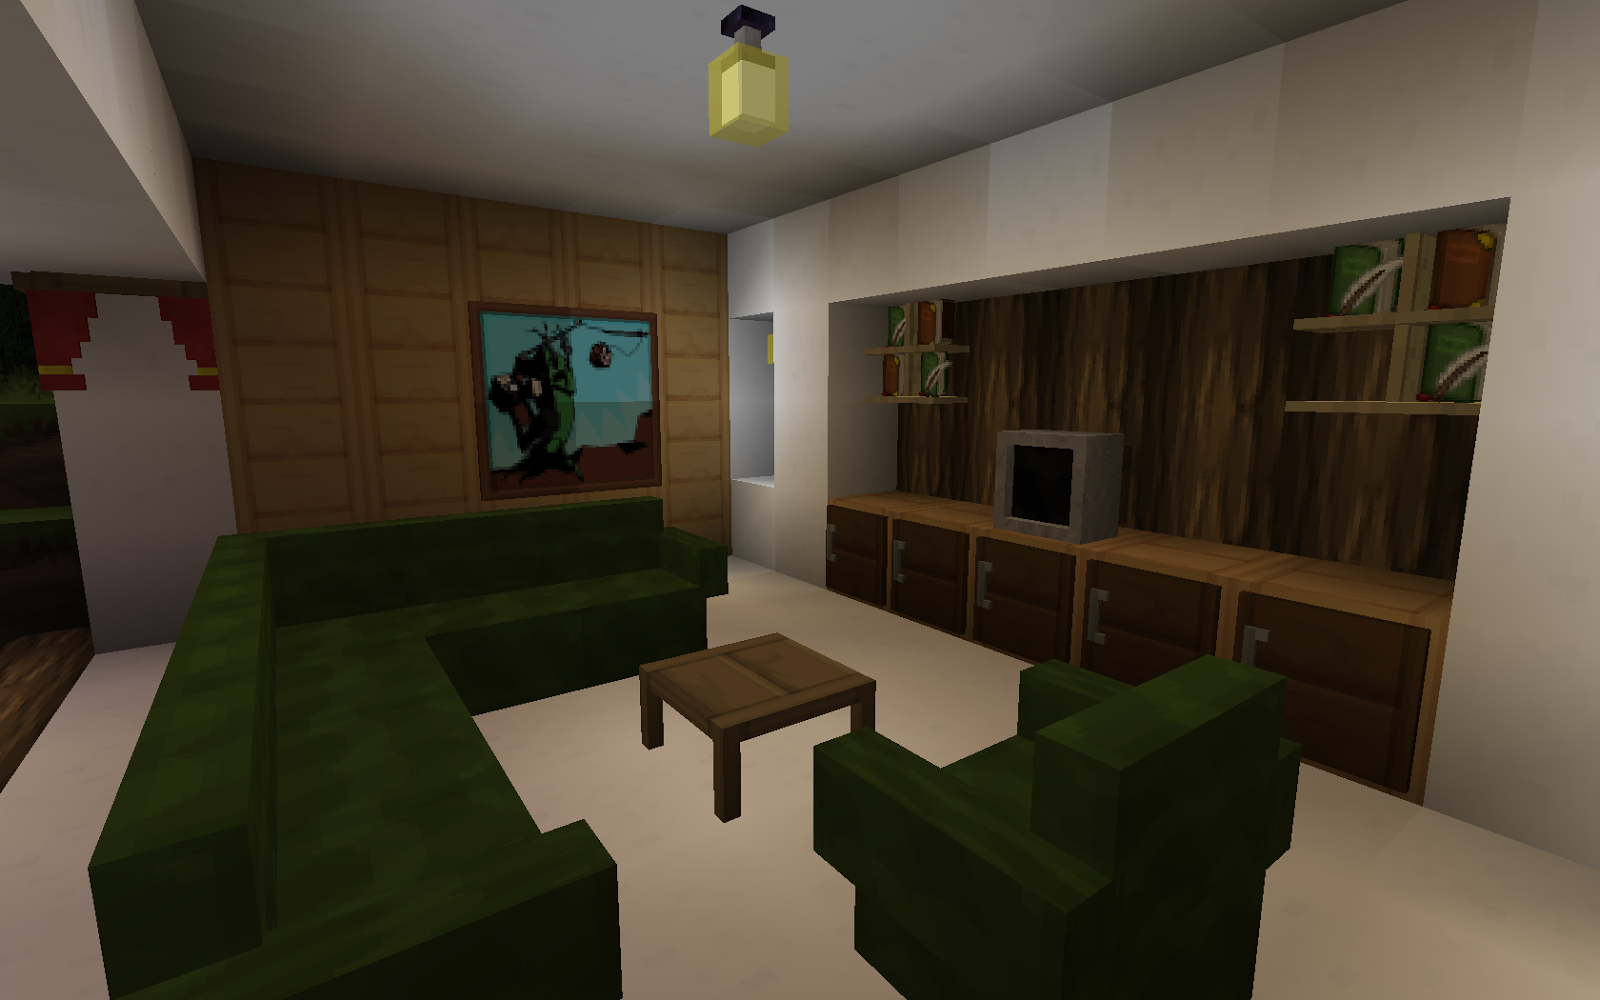 Games genteman nueva publicaci n top 10 mejores casas for Casa moderna 10 x 10 minecraft